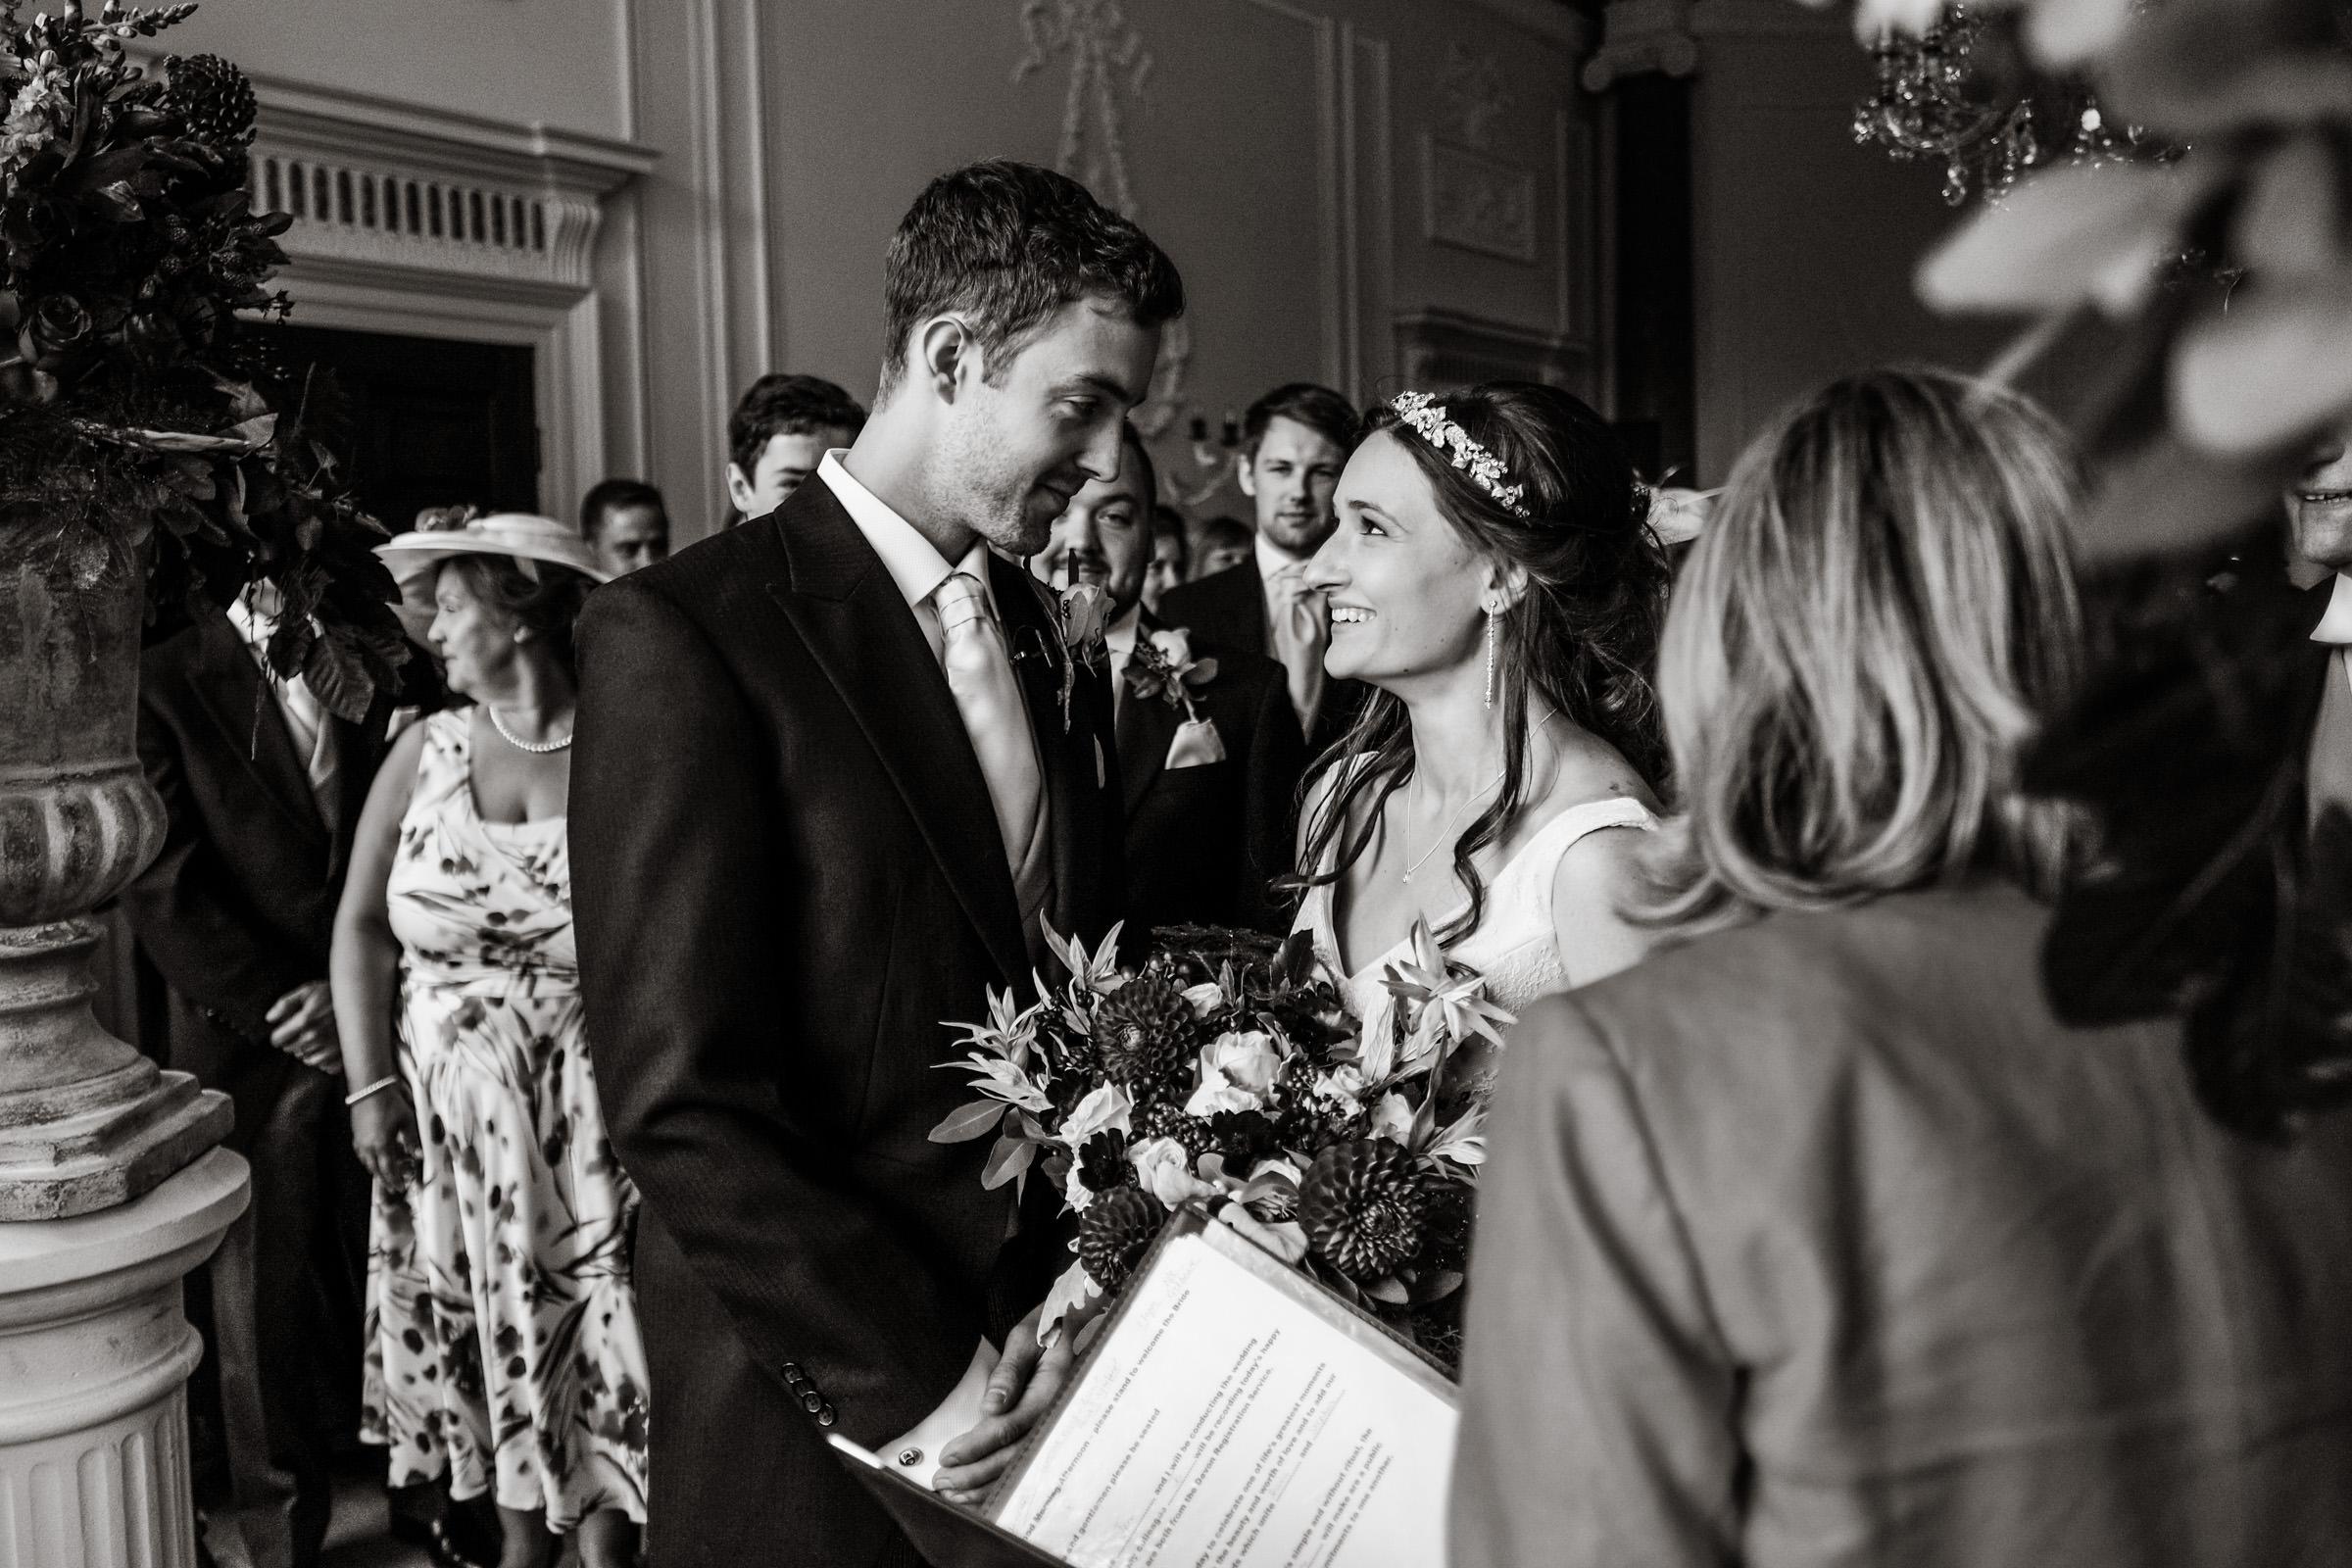 Rockbeare+Manor+Wedding+Photos+Devon+008.jpg